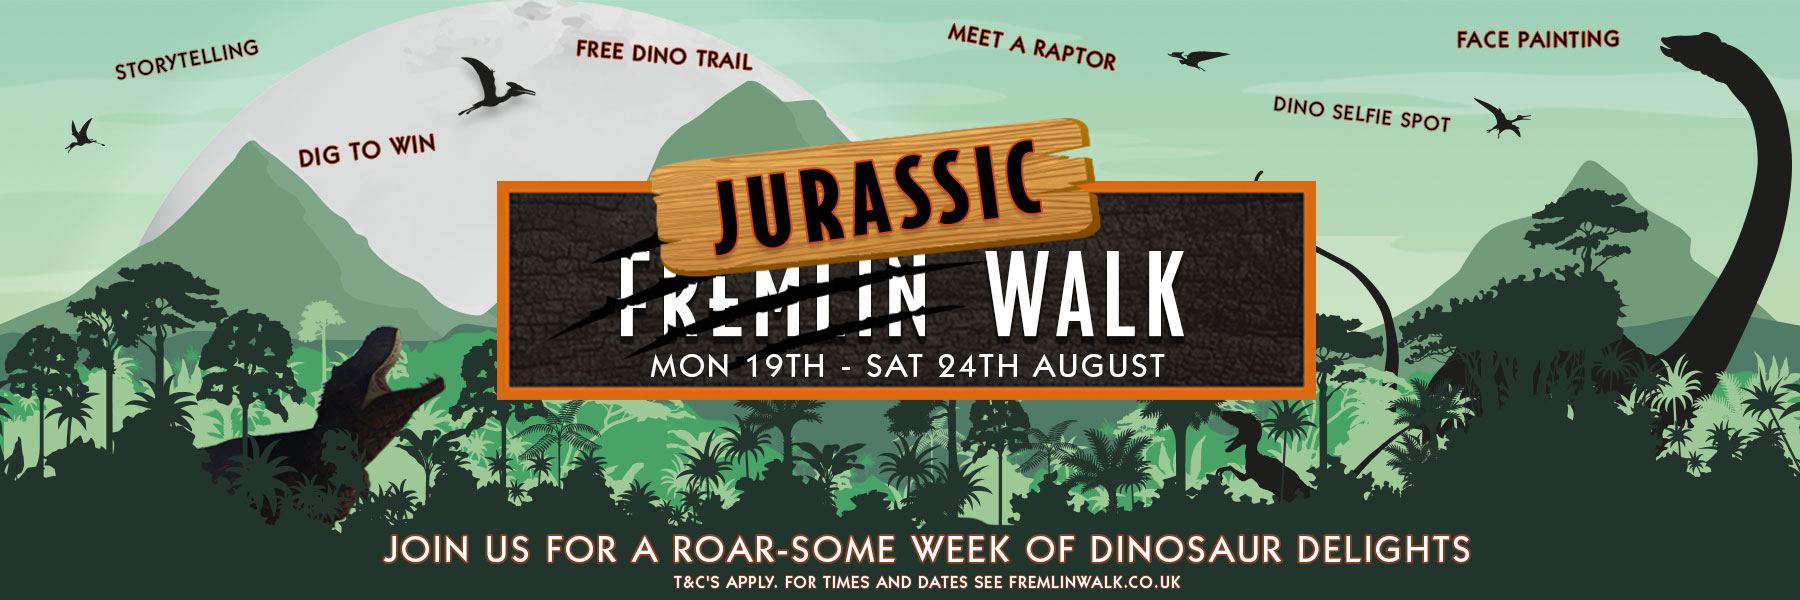 Jurassic Walk